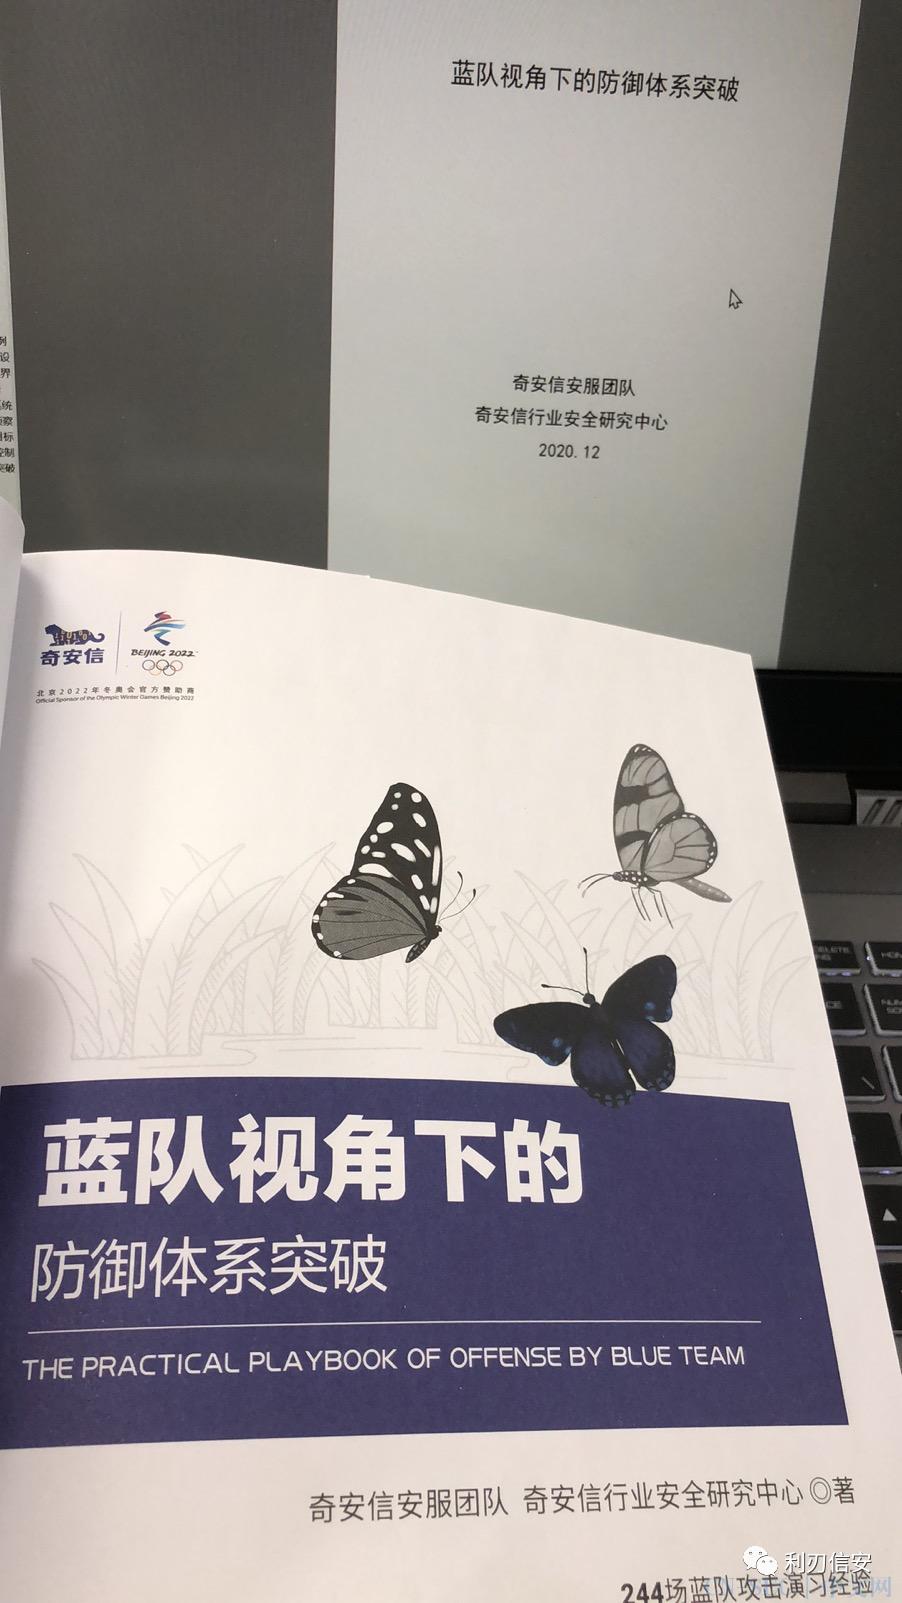 蓝队视角下的防御体系突破【读书笔记,仅供学习参考】